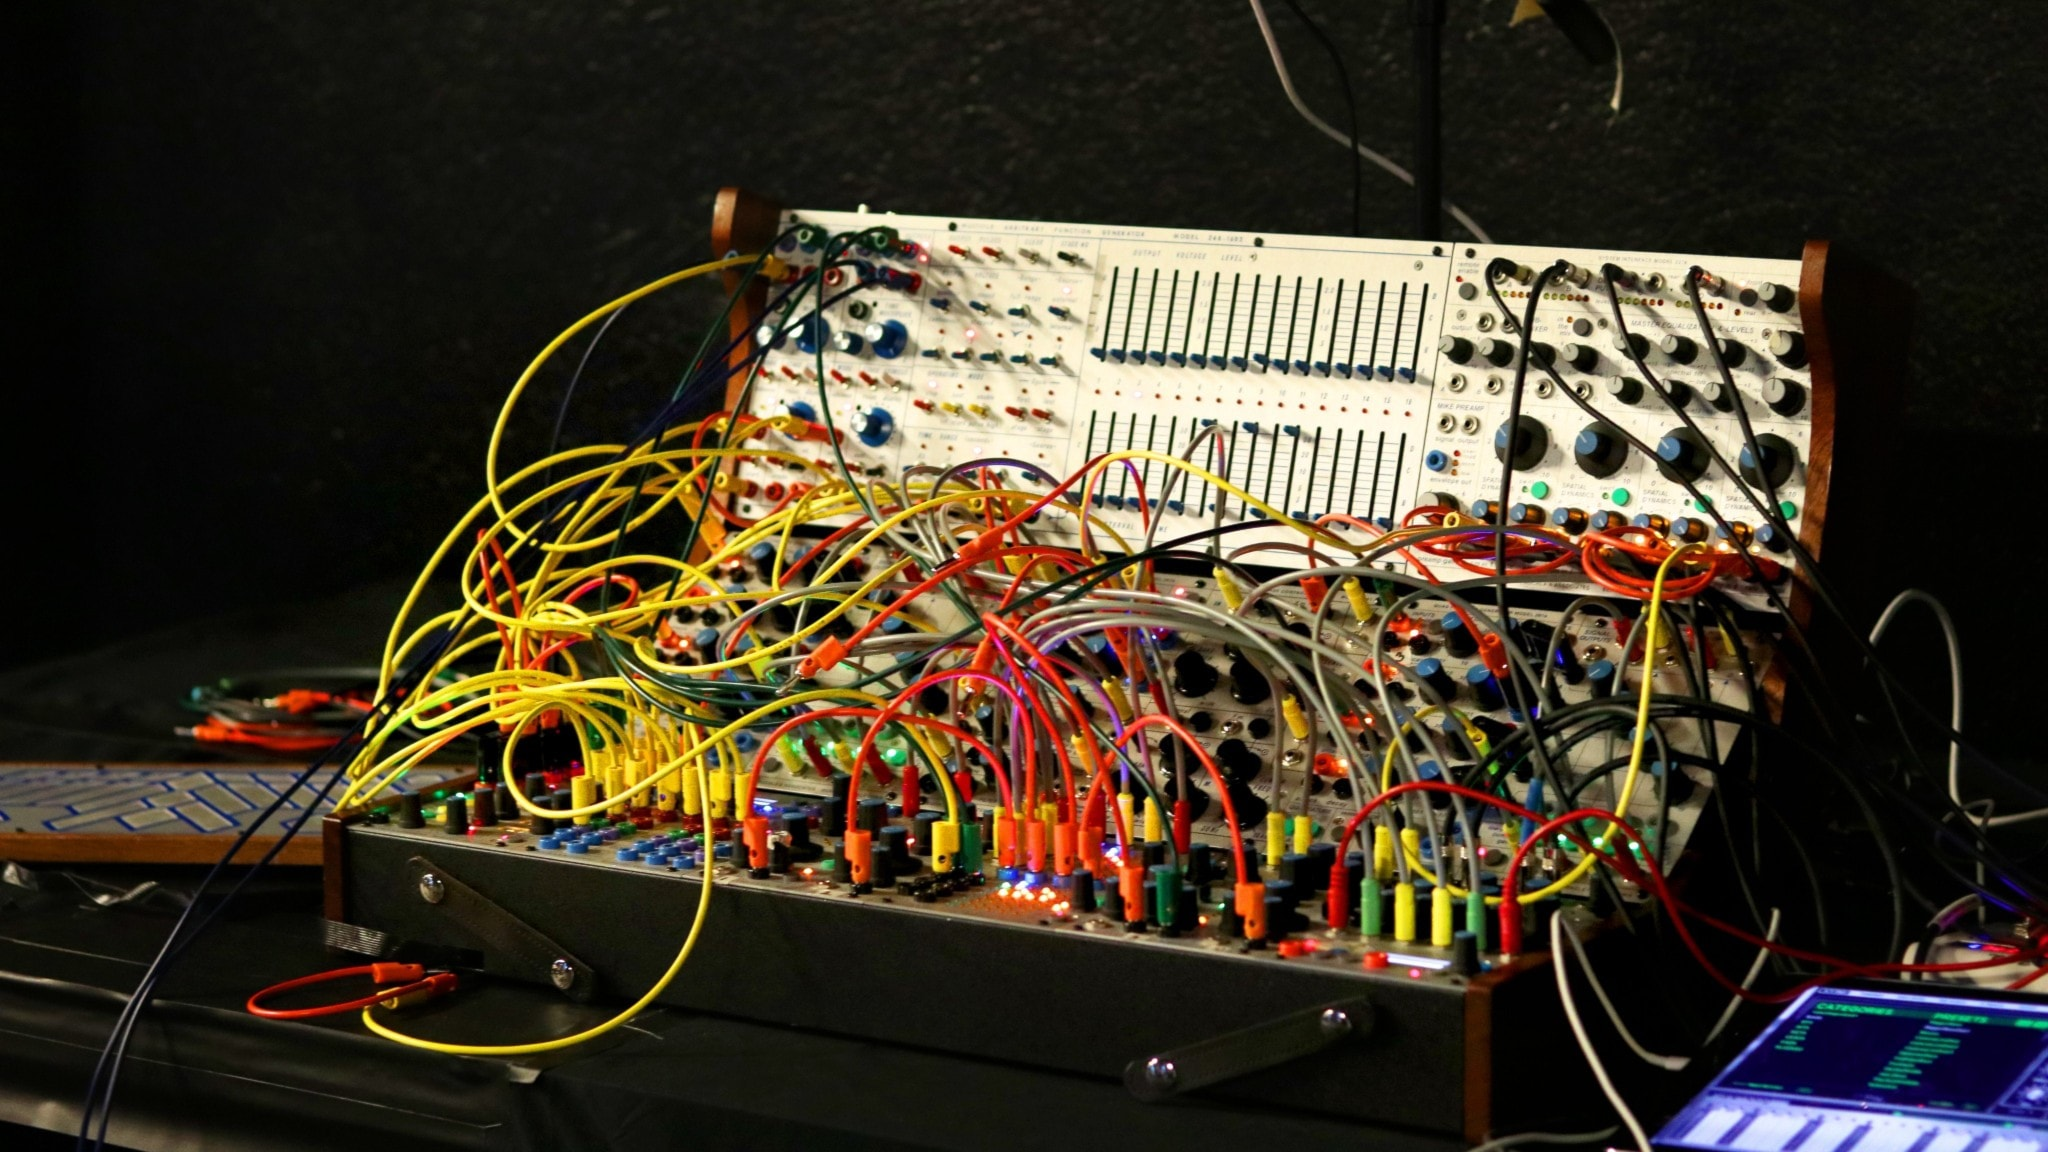 Bild: Buchla synthesizer.